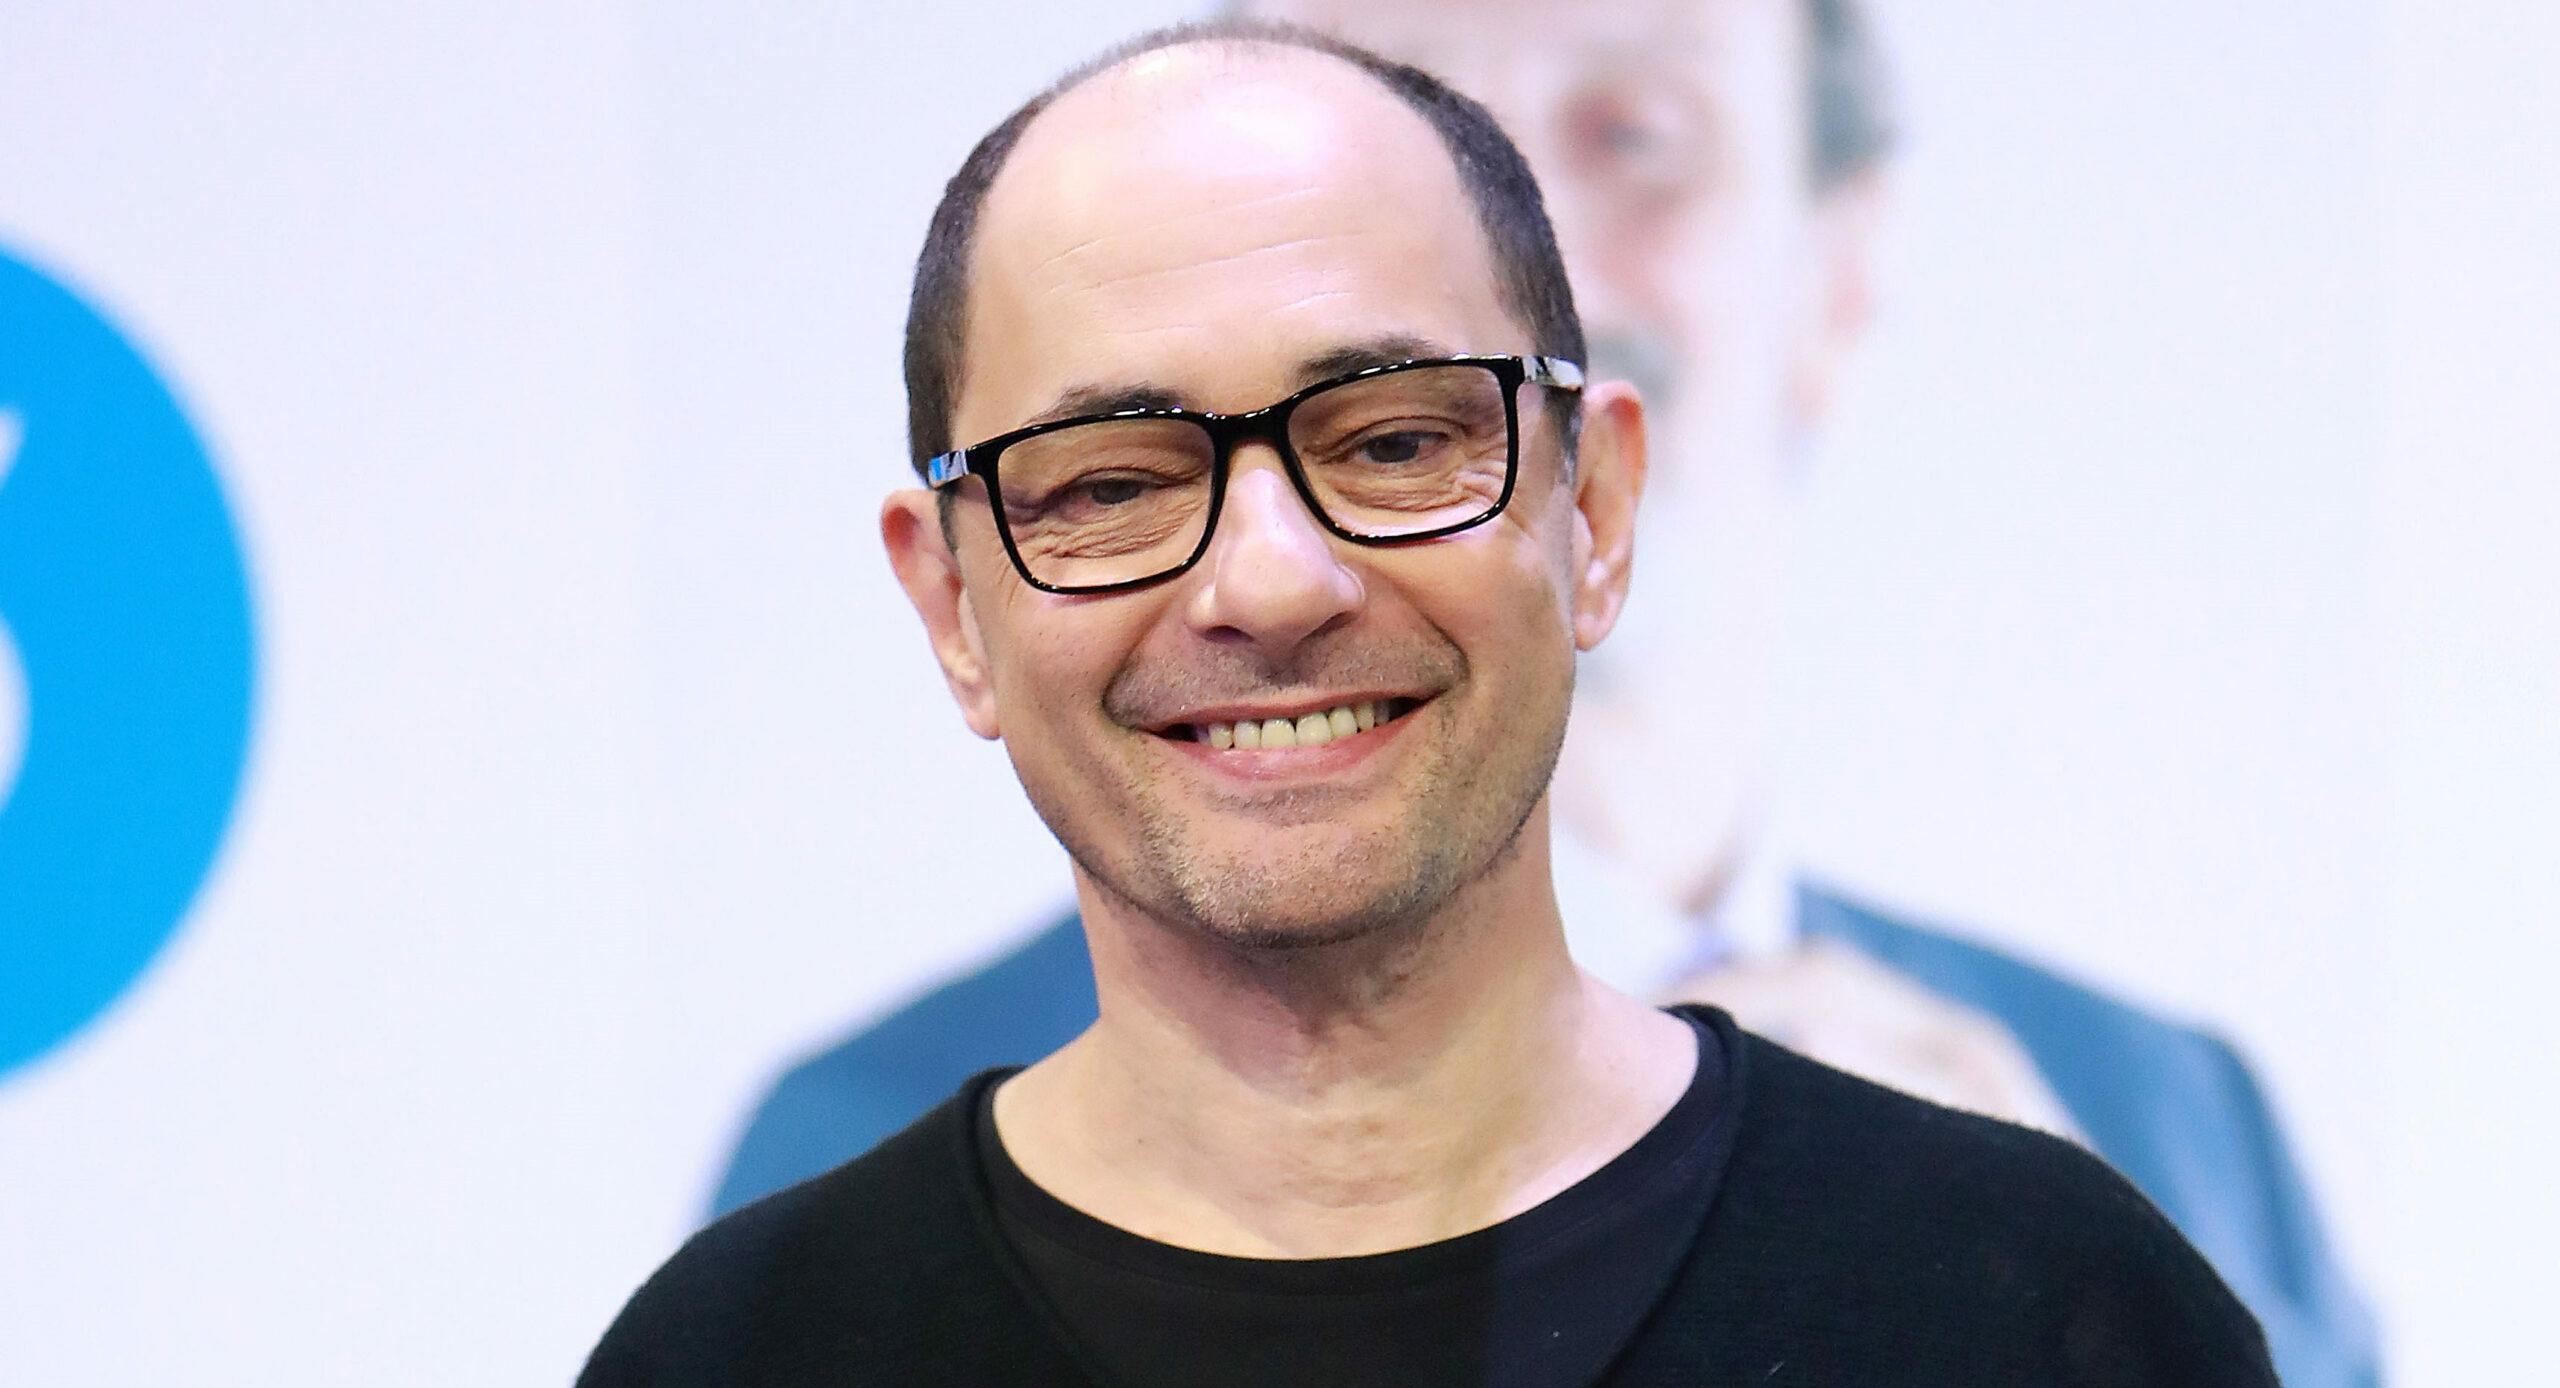 Jordi Sánchez, a la presentació de la nova temporada de 'La que se avecina' - Europa Press